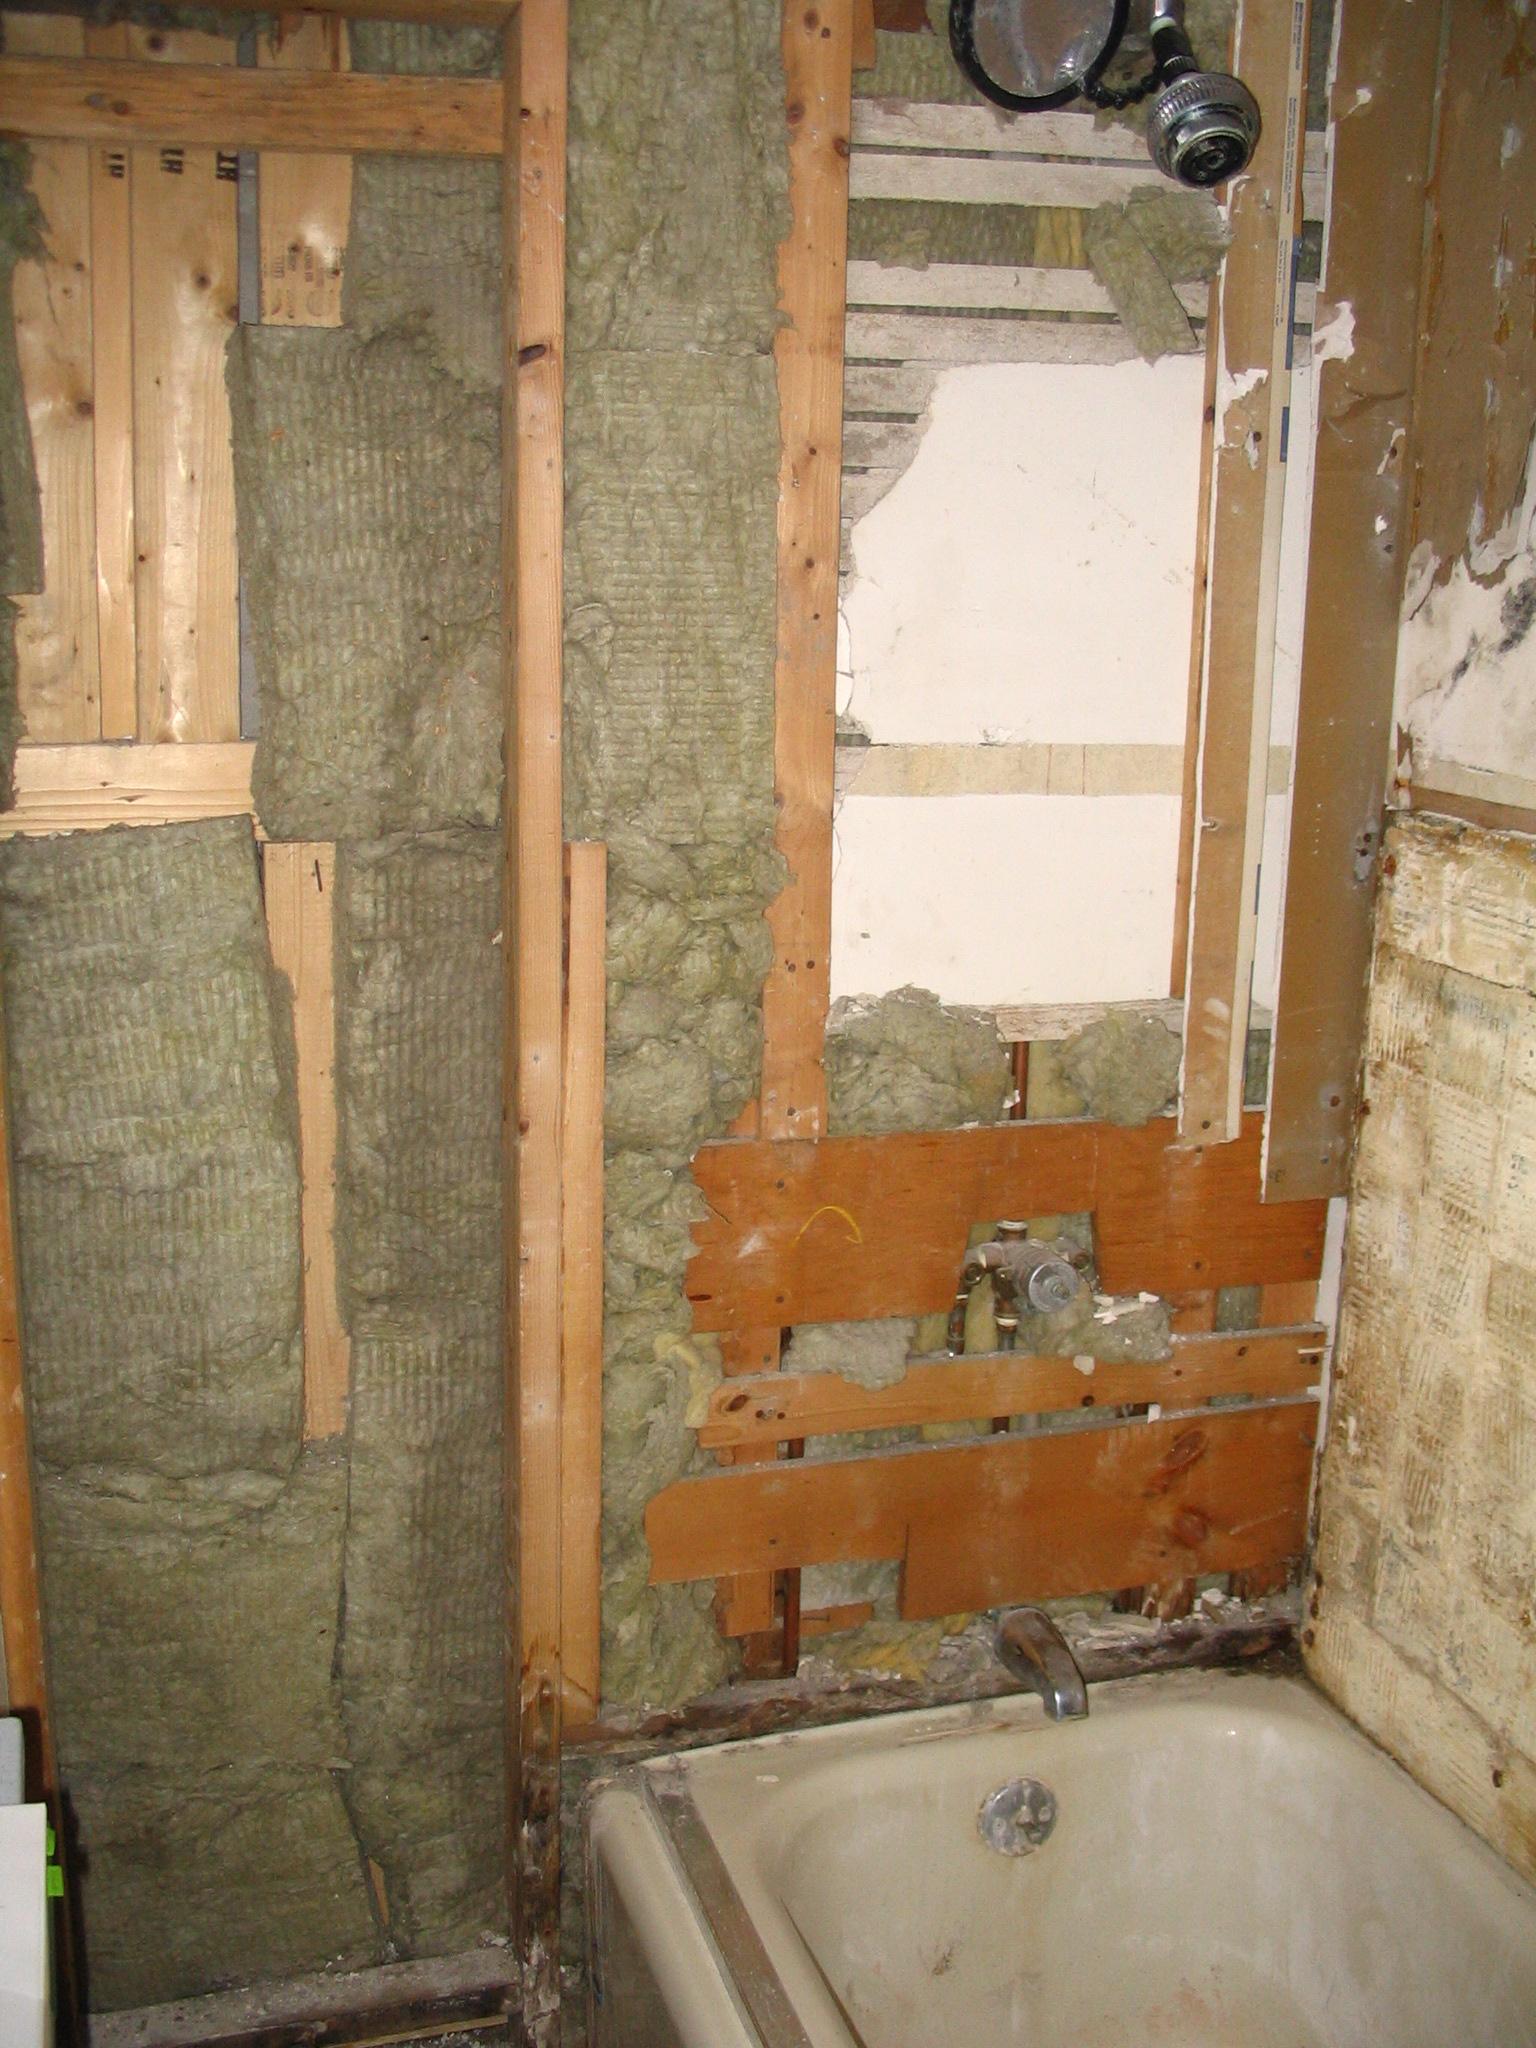 Inman St. bathroom (before)